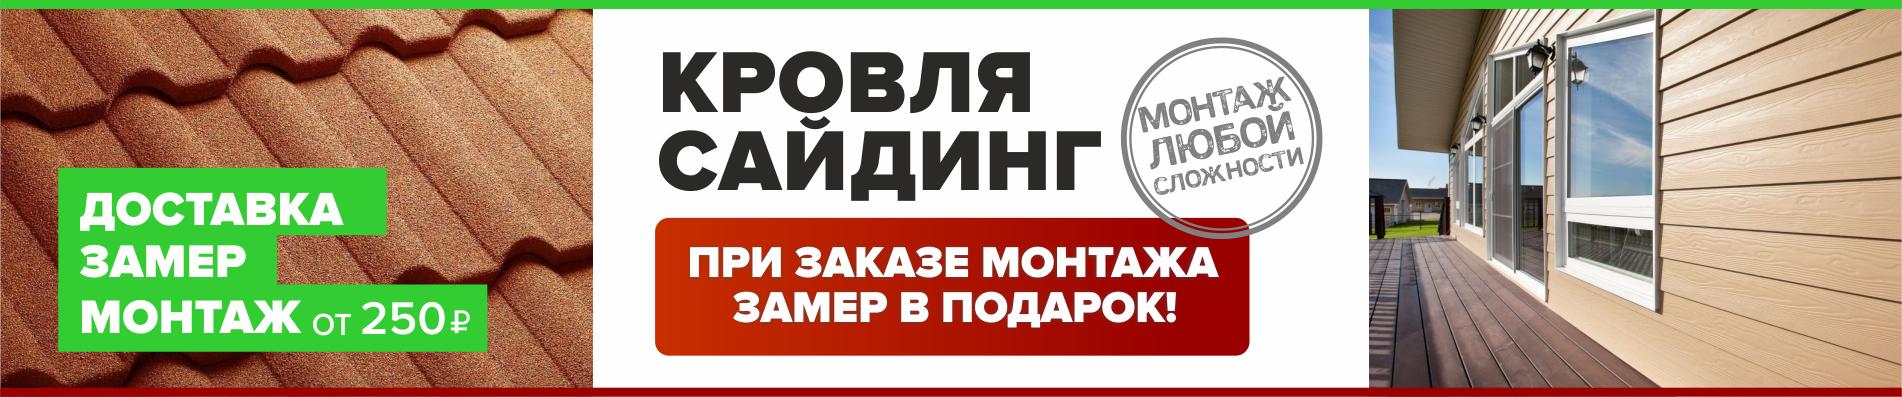 krovlya - Главная